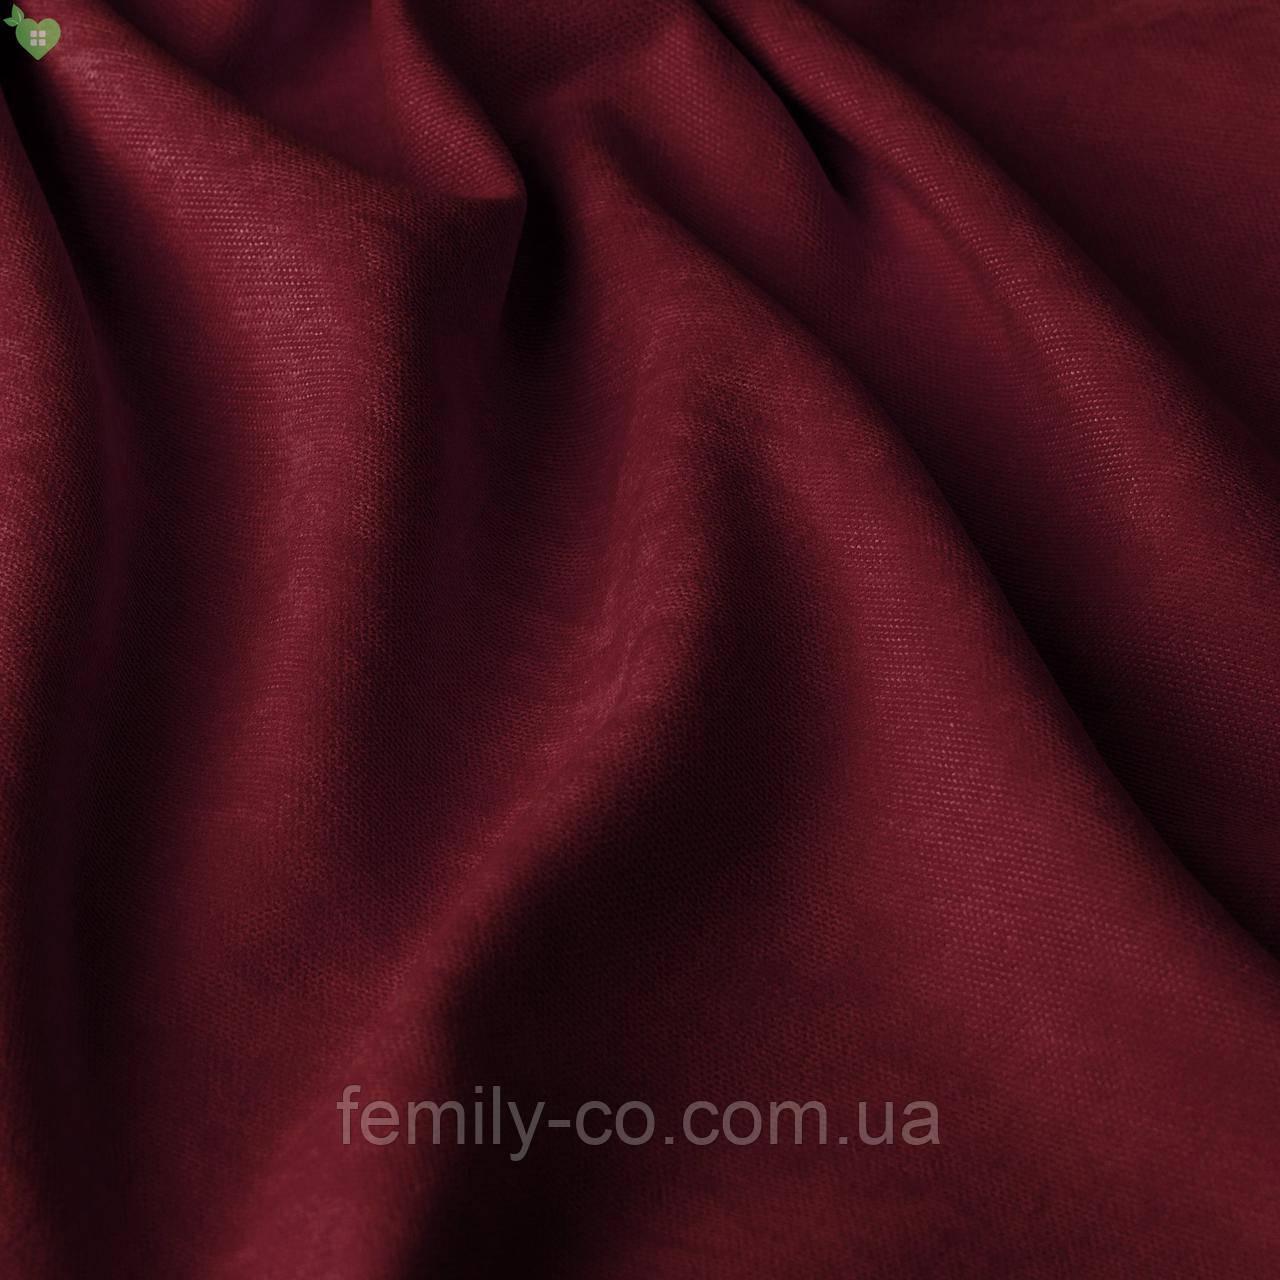 Однотонная декоративная ткань велюр бордовый 84355v9